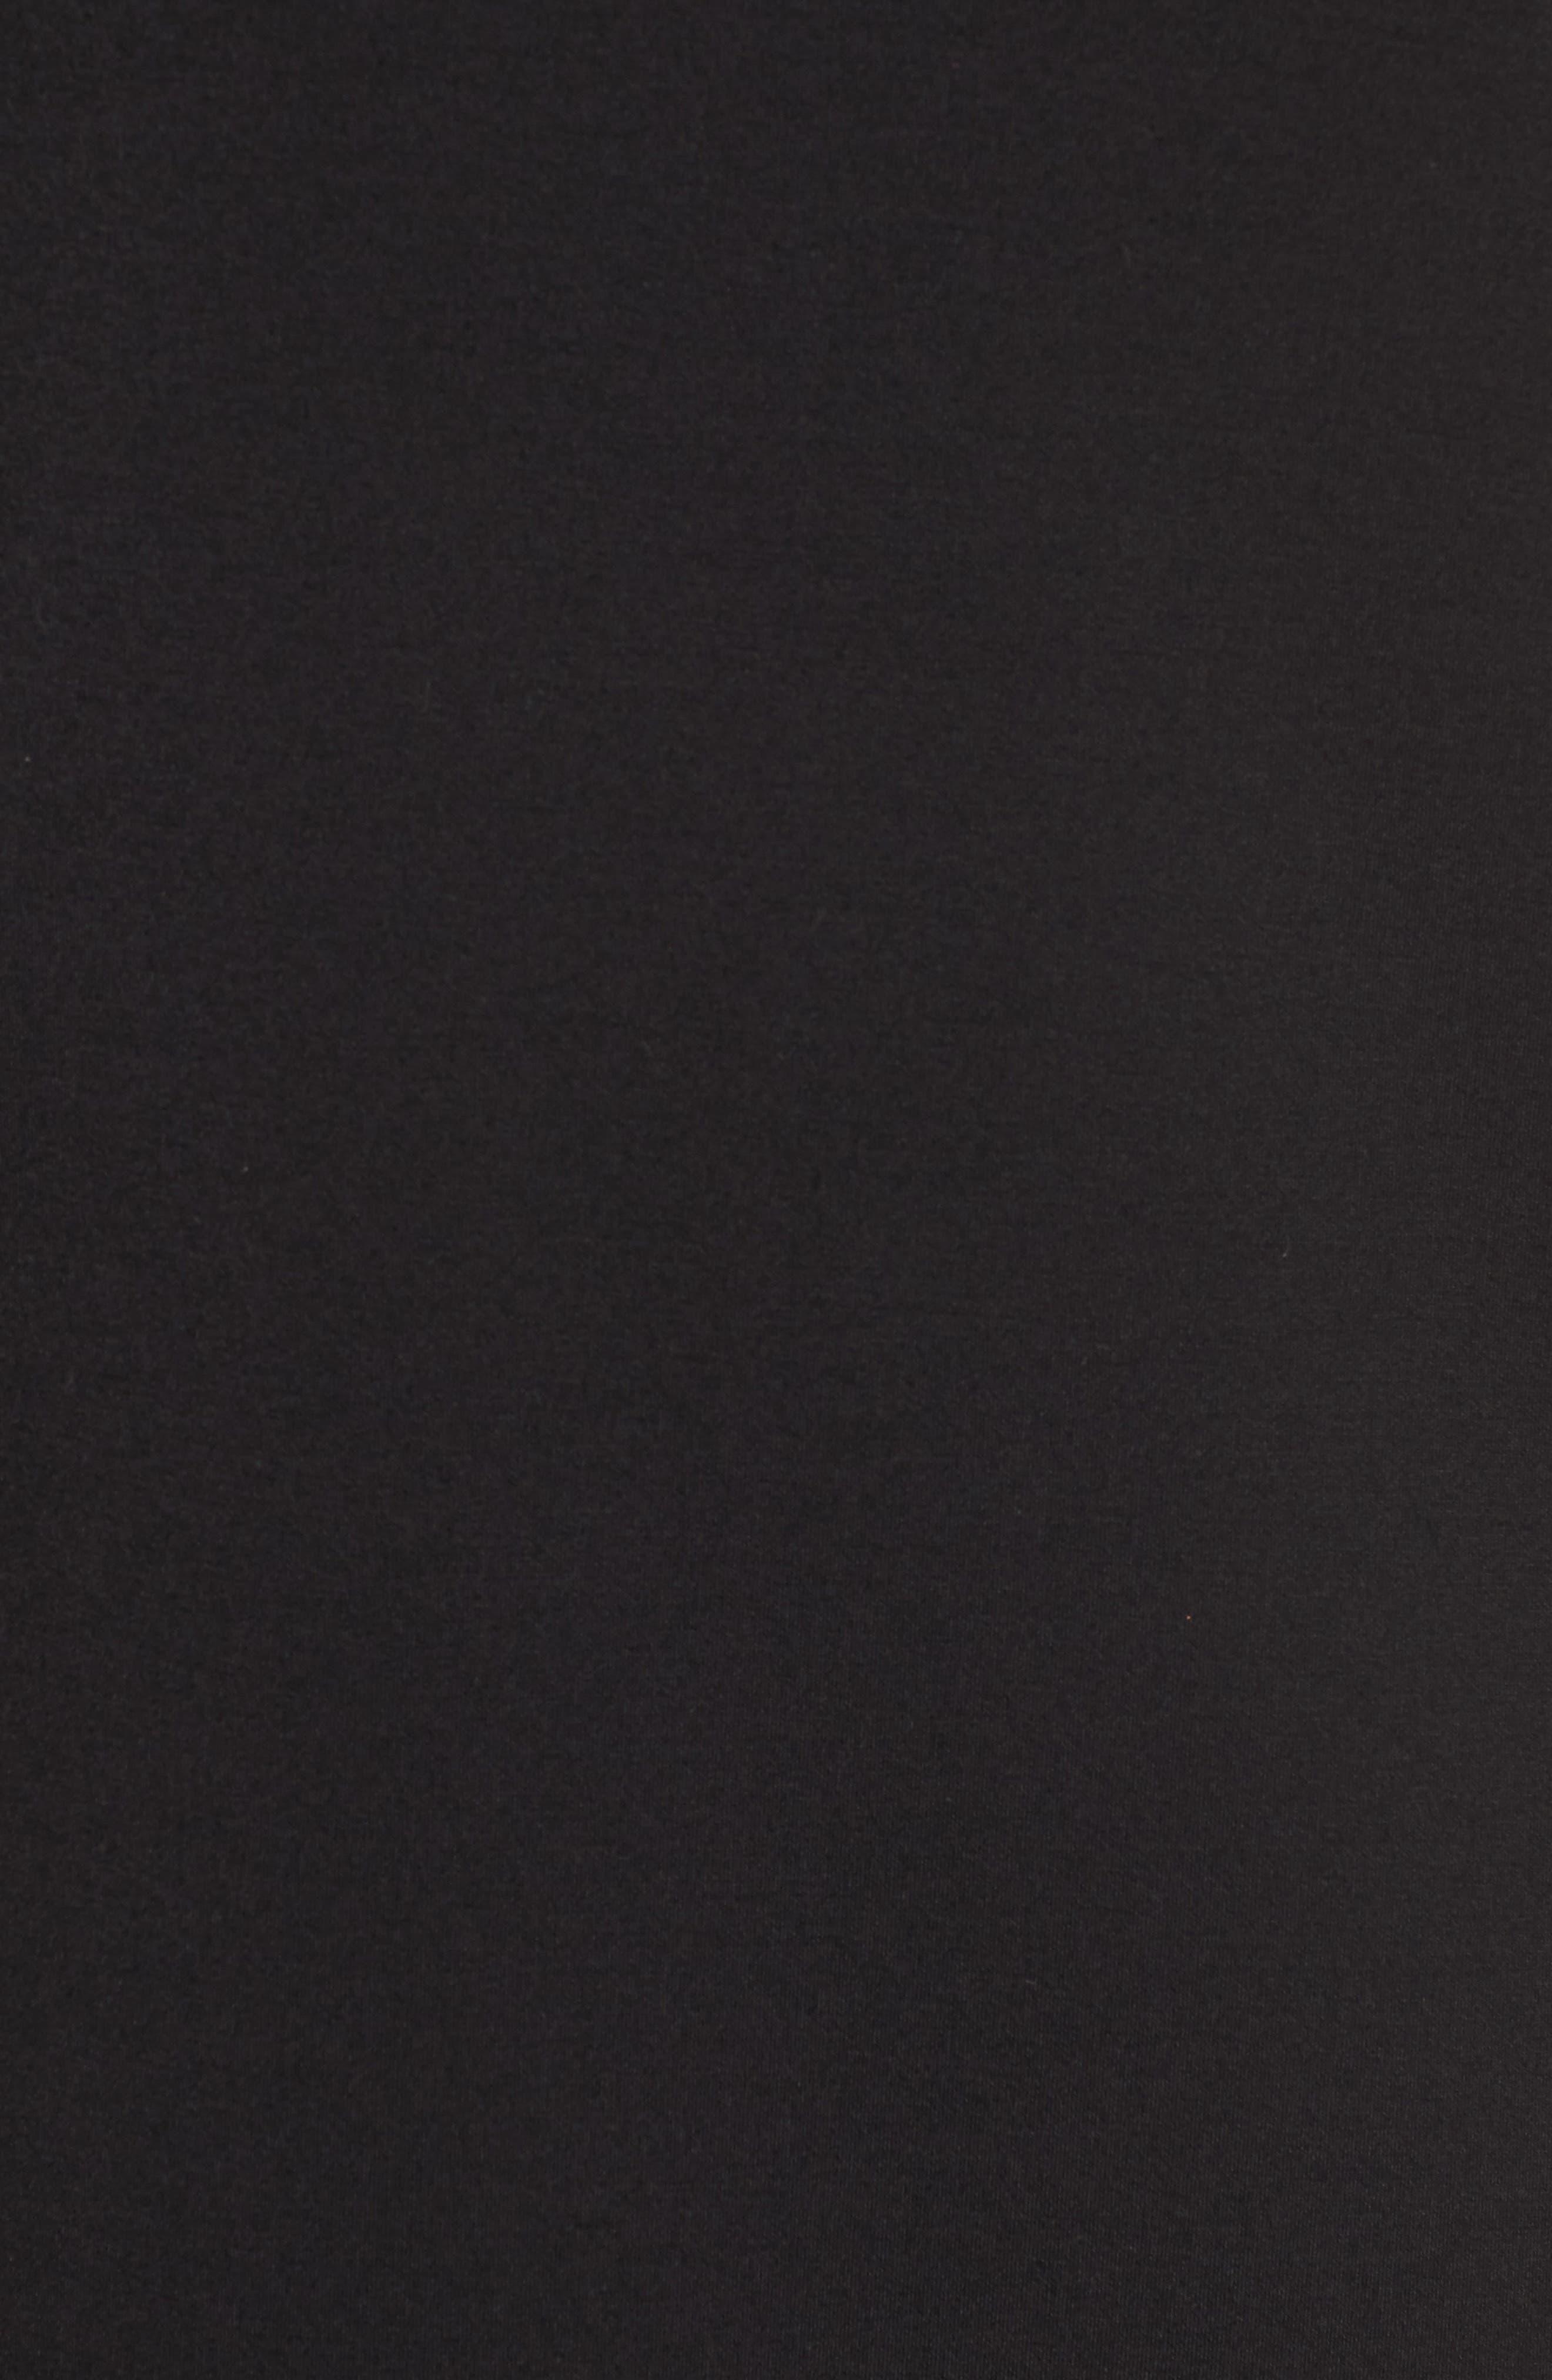 Ruffle Sleeve Neoprene Shift Dress,                             Alternate thumbnail 5, color,                             001